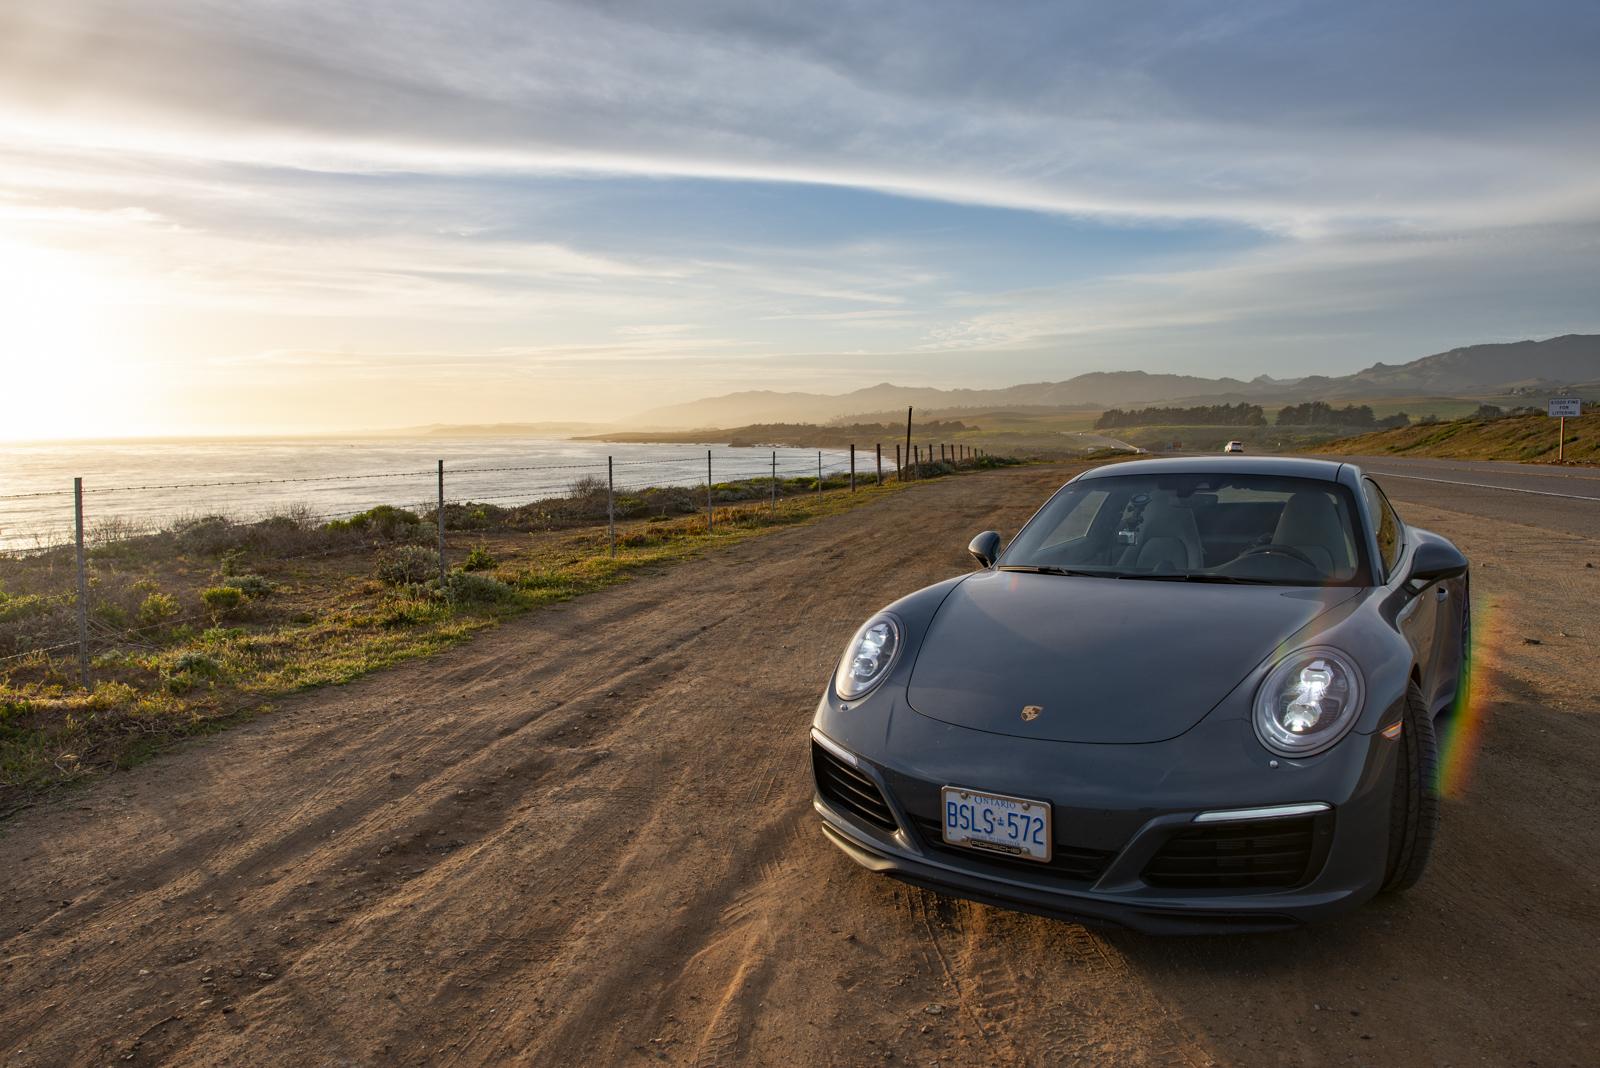 TrackWorthy - Toronto to LA - Porsche 911 C4S 991.2 - 023